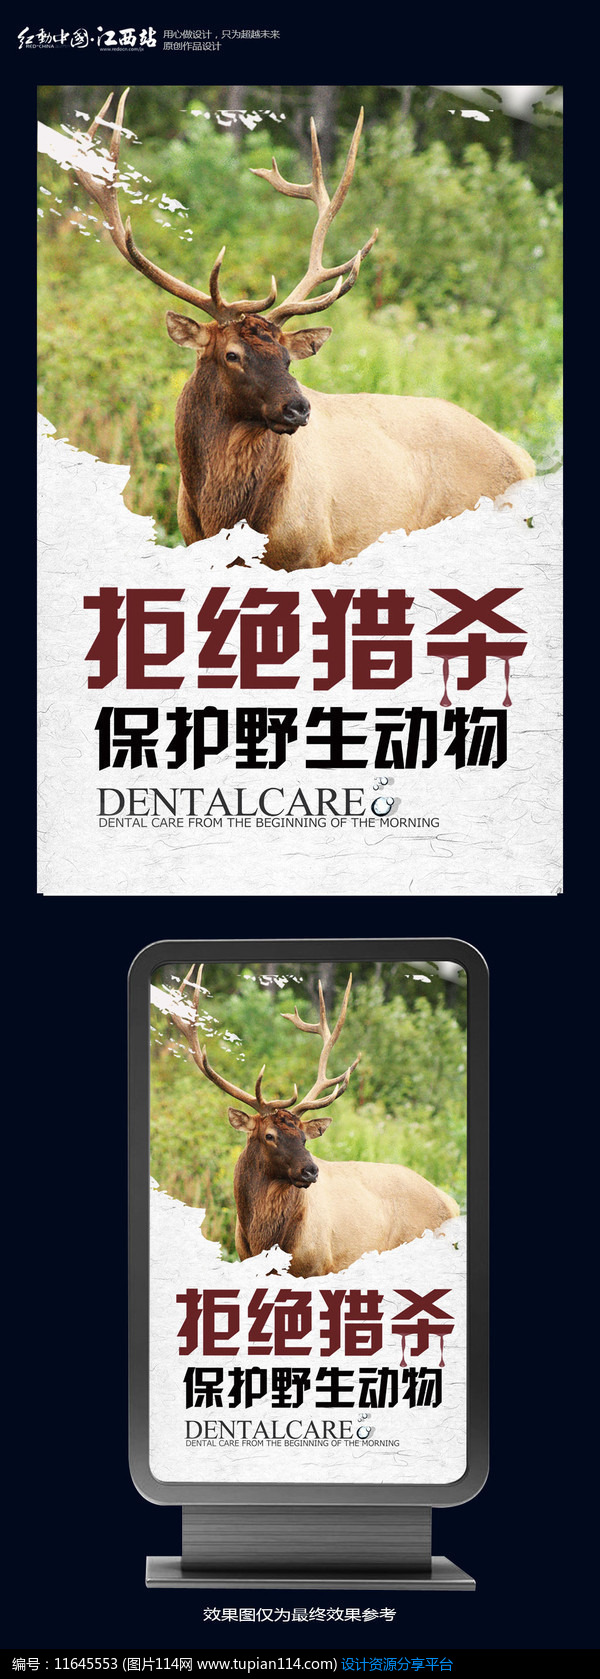 保护野生动物公益海报设计素材免费下载_海报设计psd